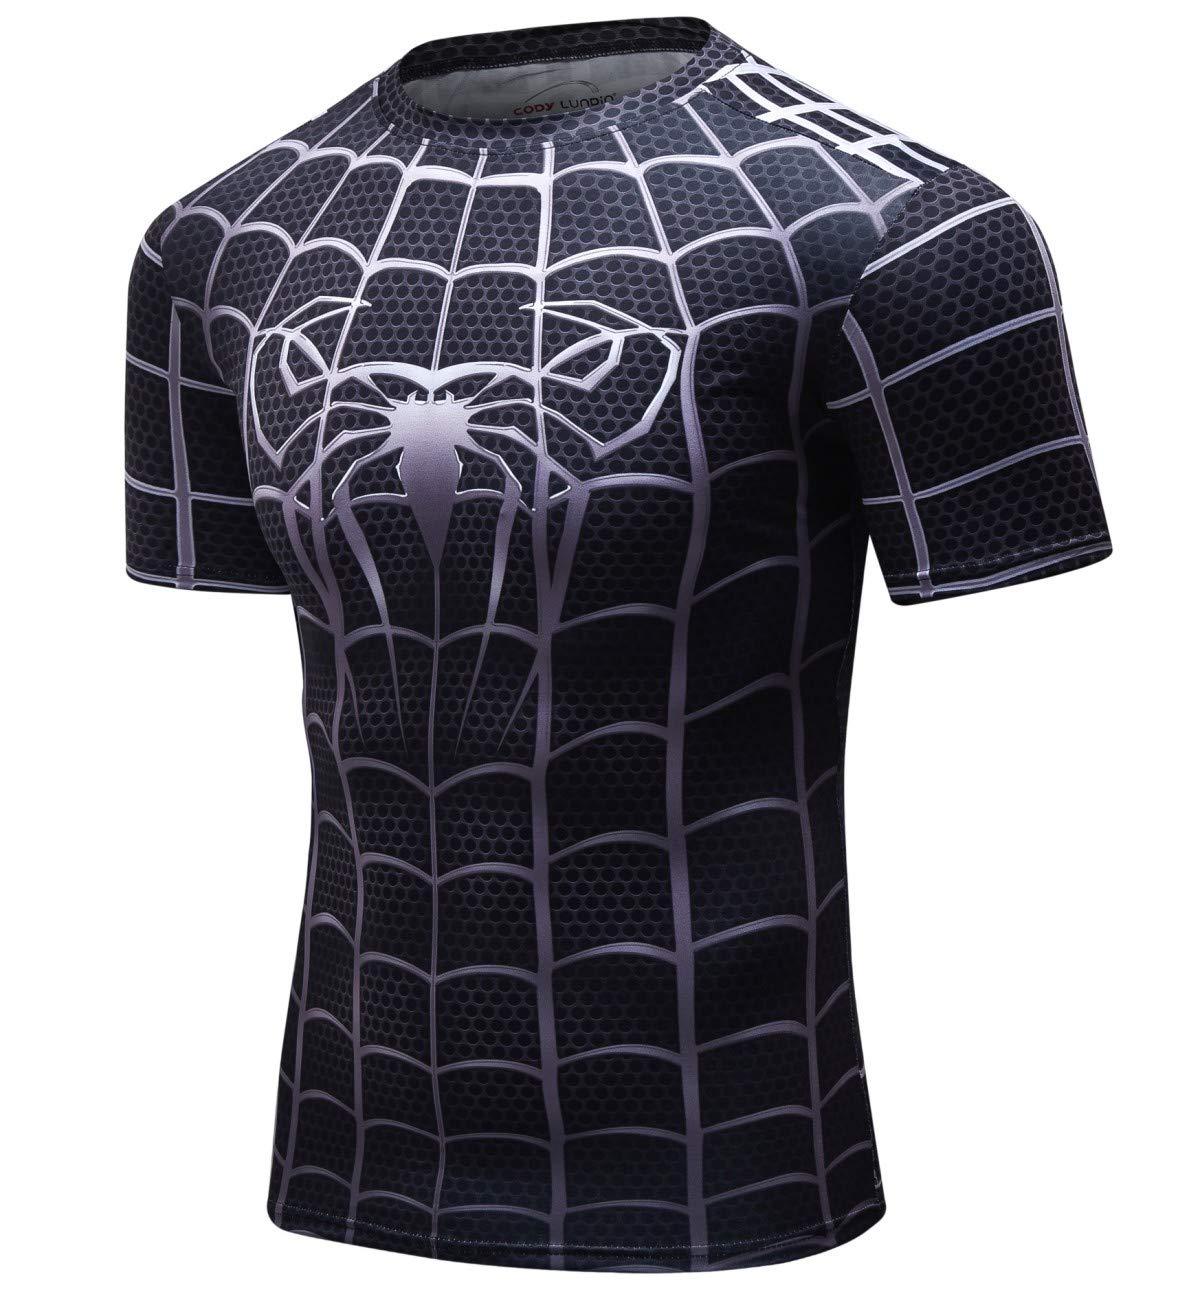 Cody Lundin Camiseta Fintess para Hombre Camisas Ajustadas Negras para  Hombres Camisetas Superhero Camisas Deportivas para ... 300c792726c1b